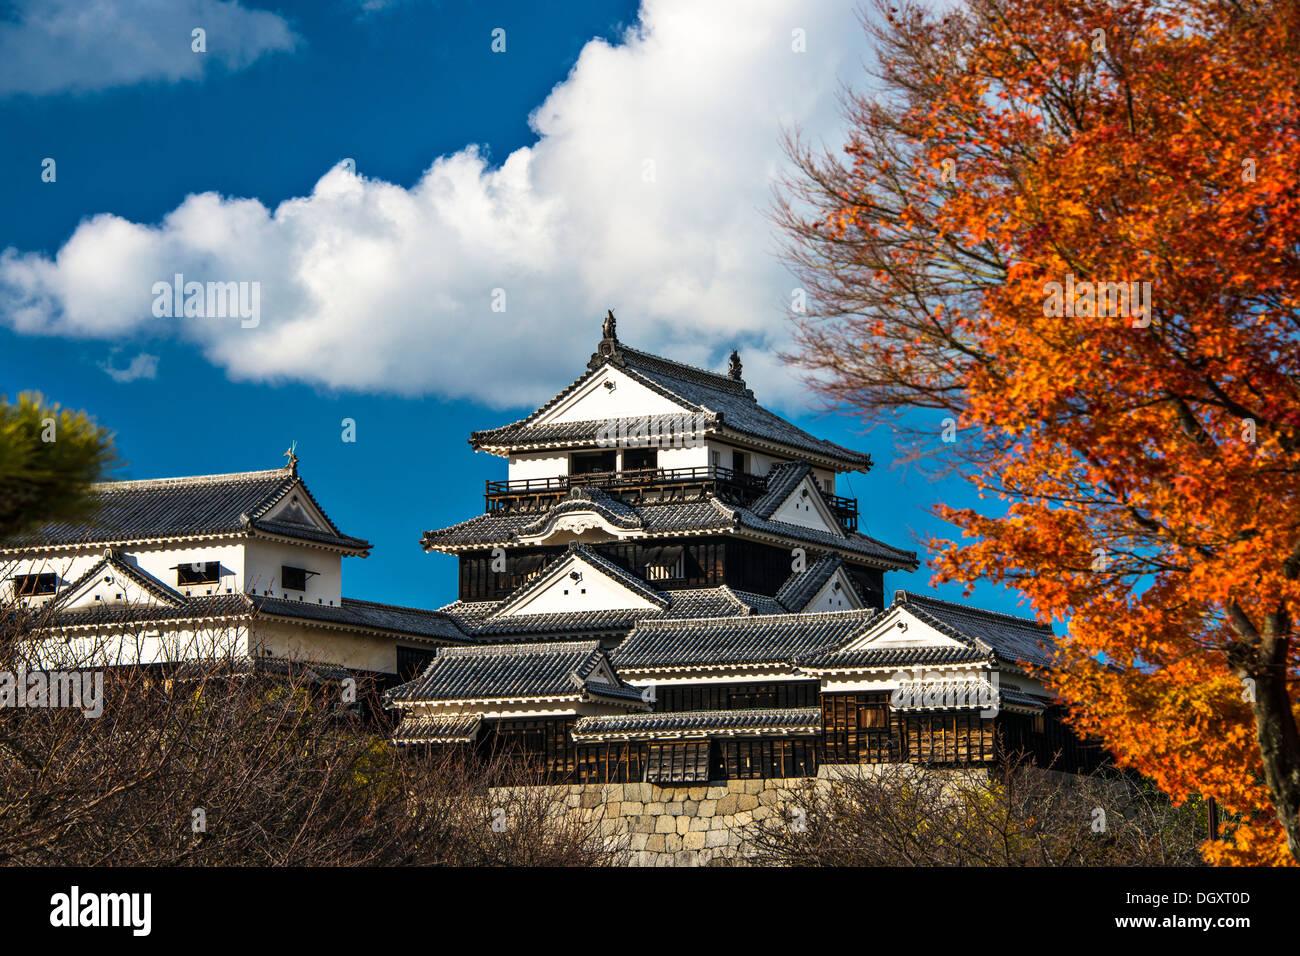 El Castillo de Matsuyama en Matsuyama, Japón. Imagen De Stock